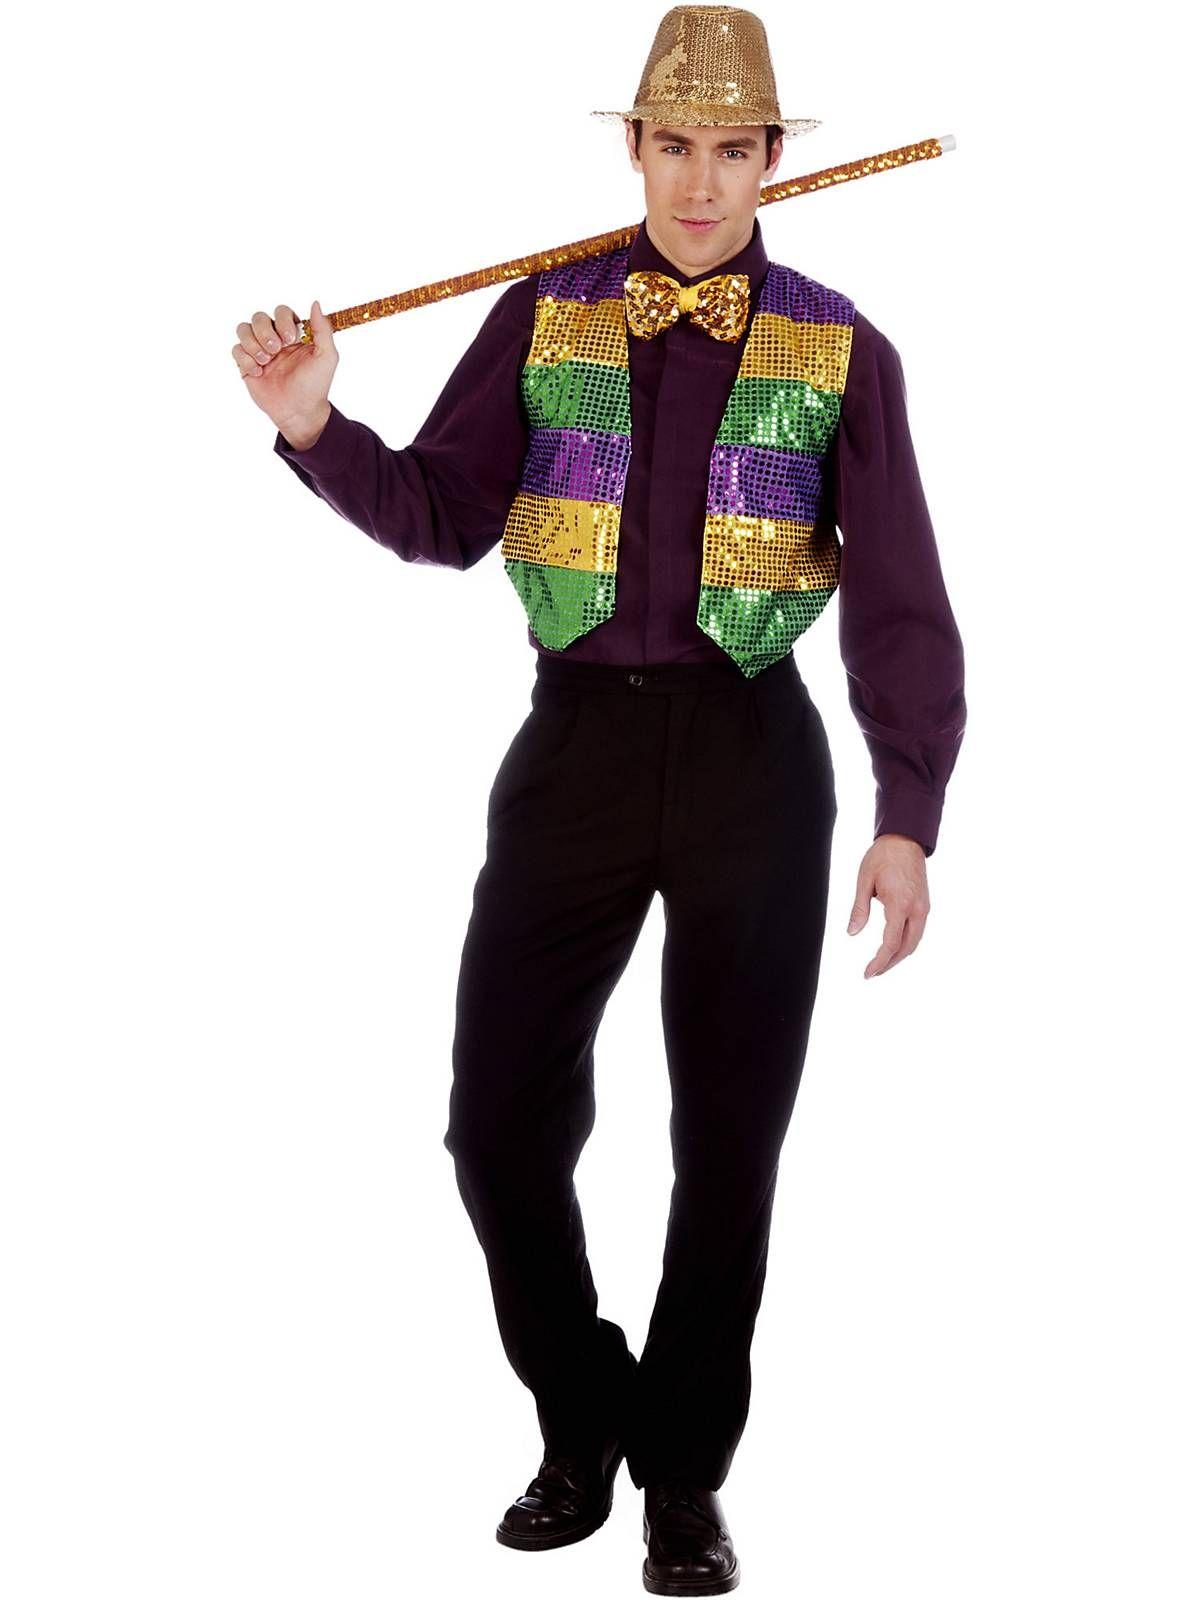 Mardi Gras Vest Costume | Mardi gras, Sequins and Costumes